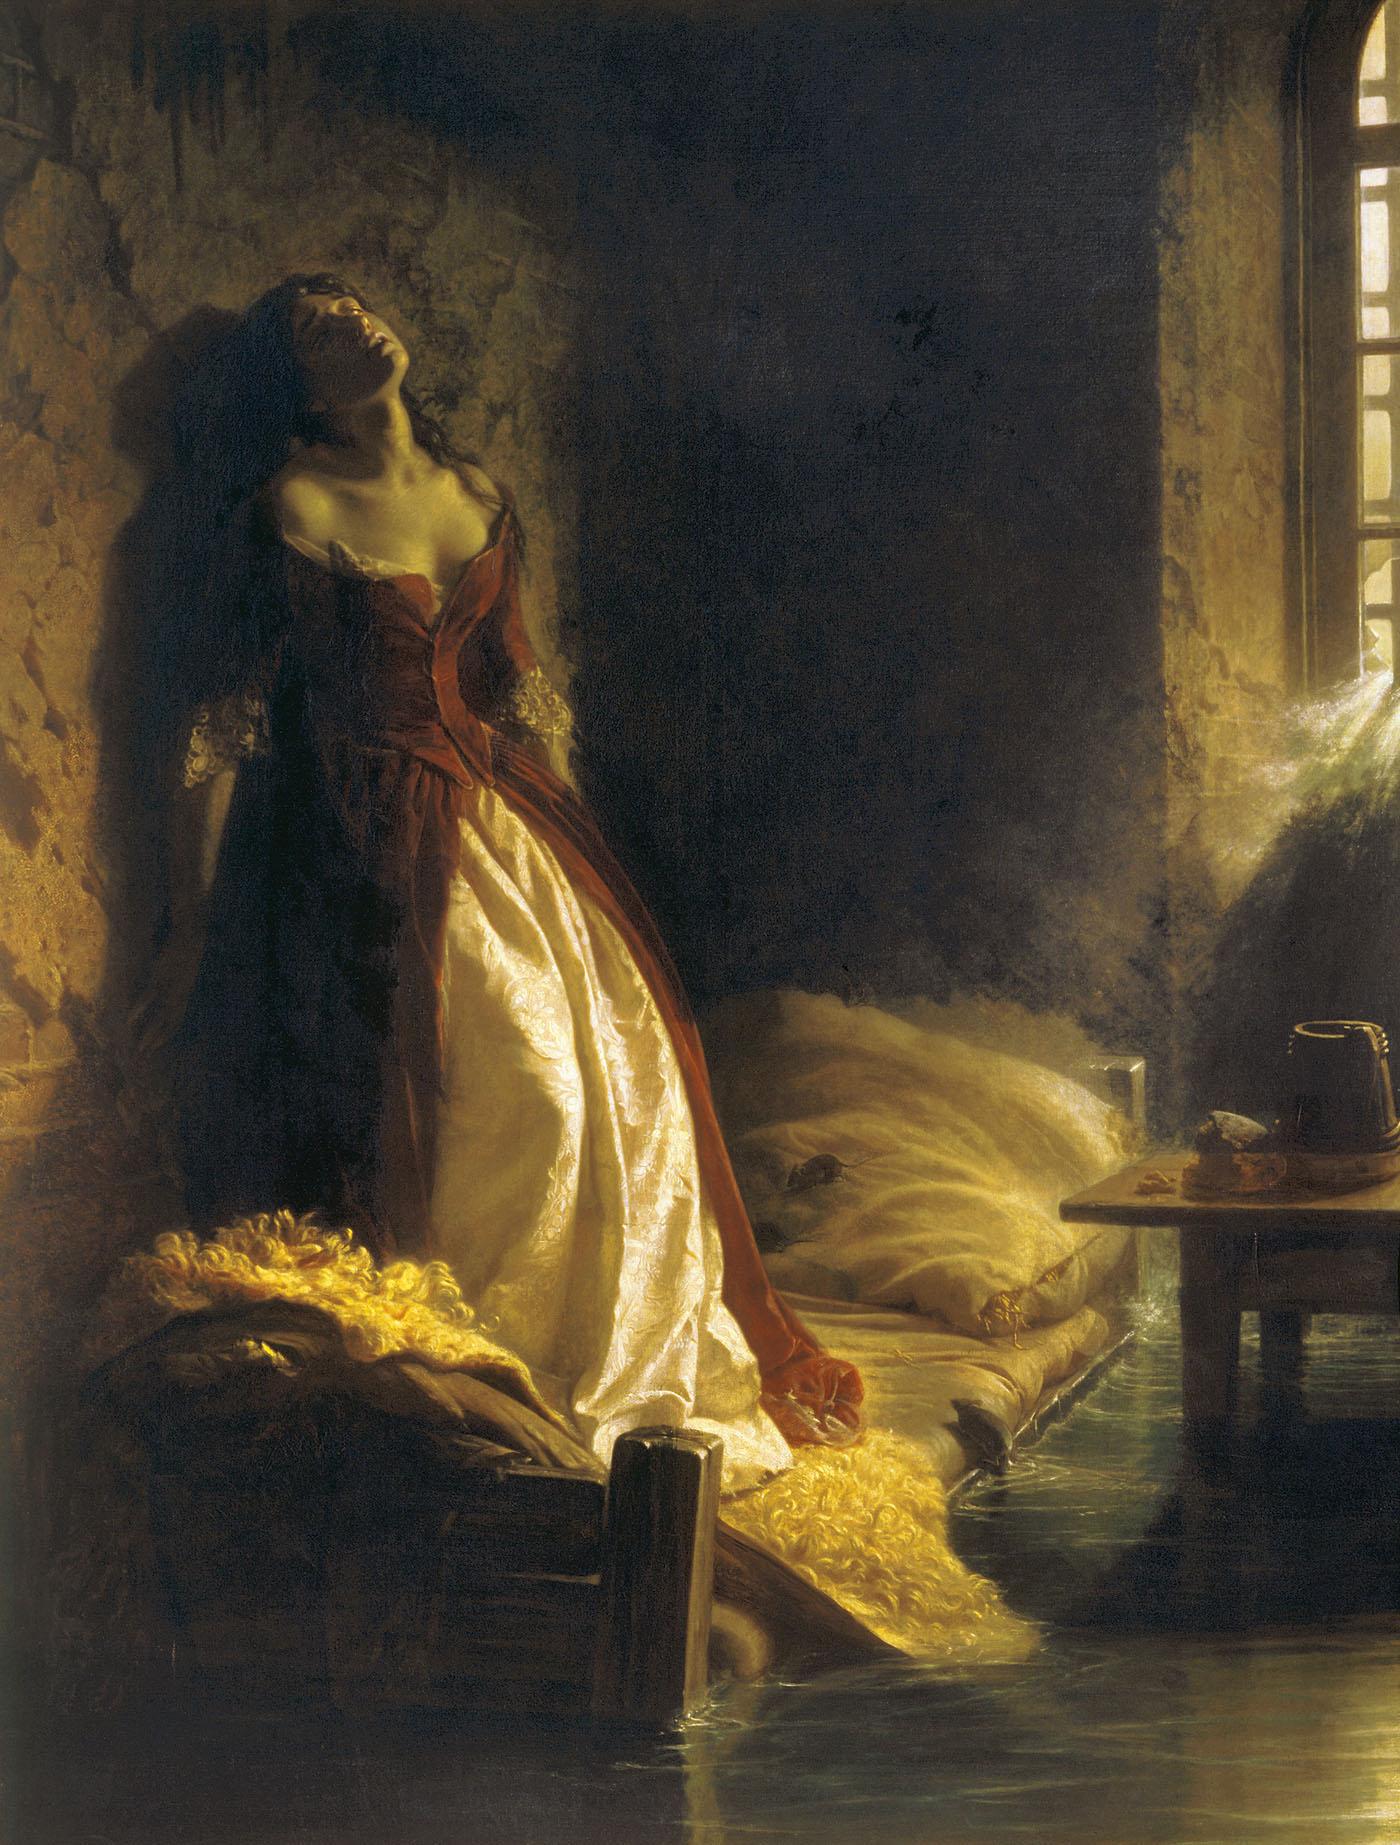 Знаменитая княжна Тараканова, о которой ничего не известно